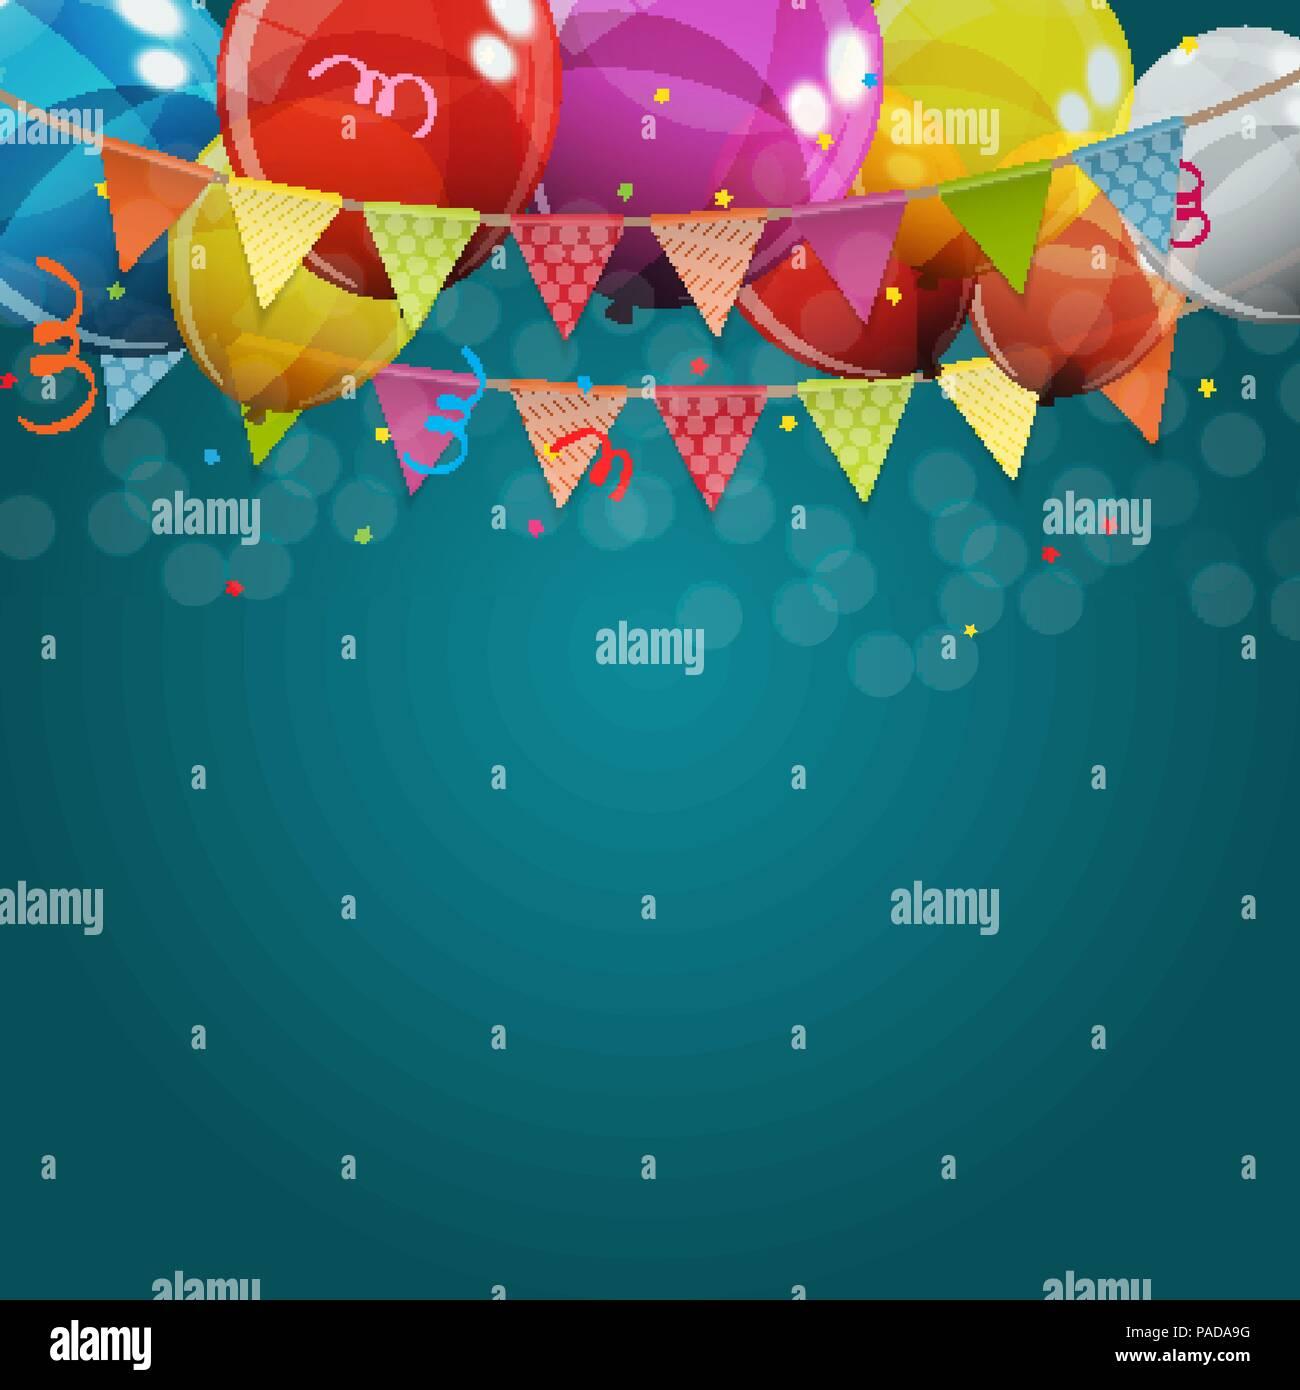 Feliz Cumpleaños Globos Brillante color de fondo Banner ilustración vectorial Imagen De Stock